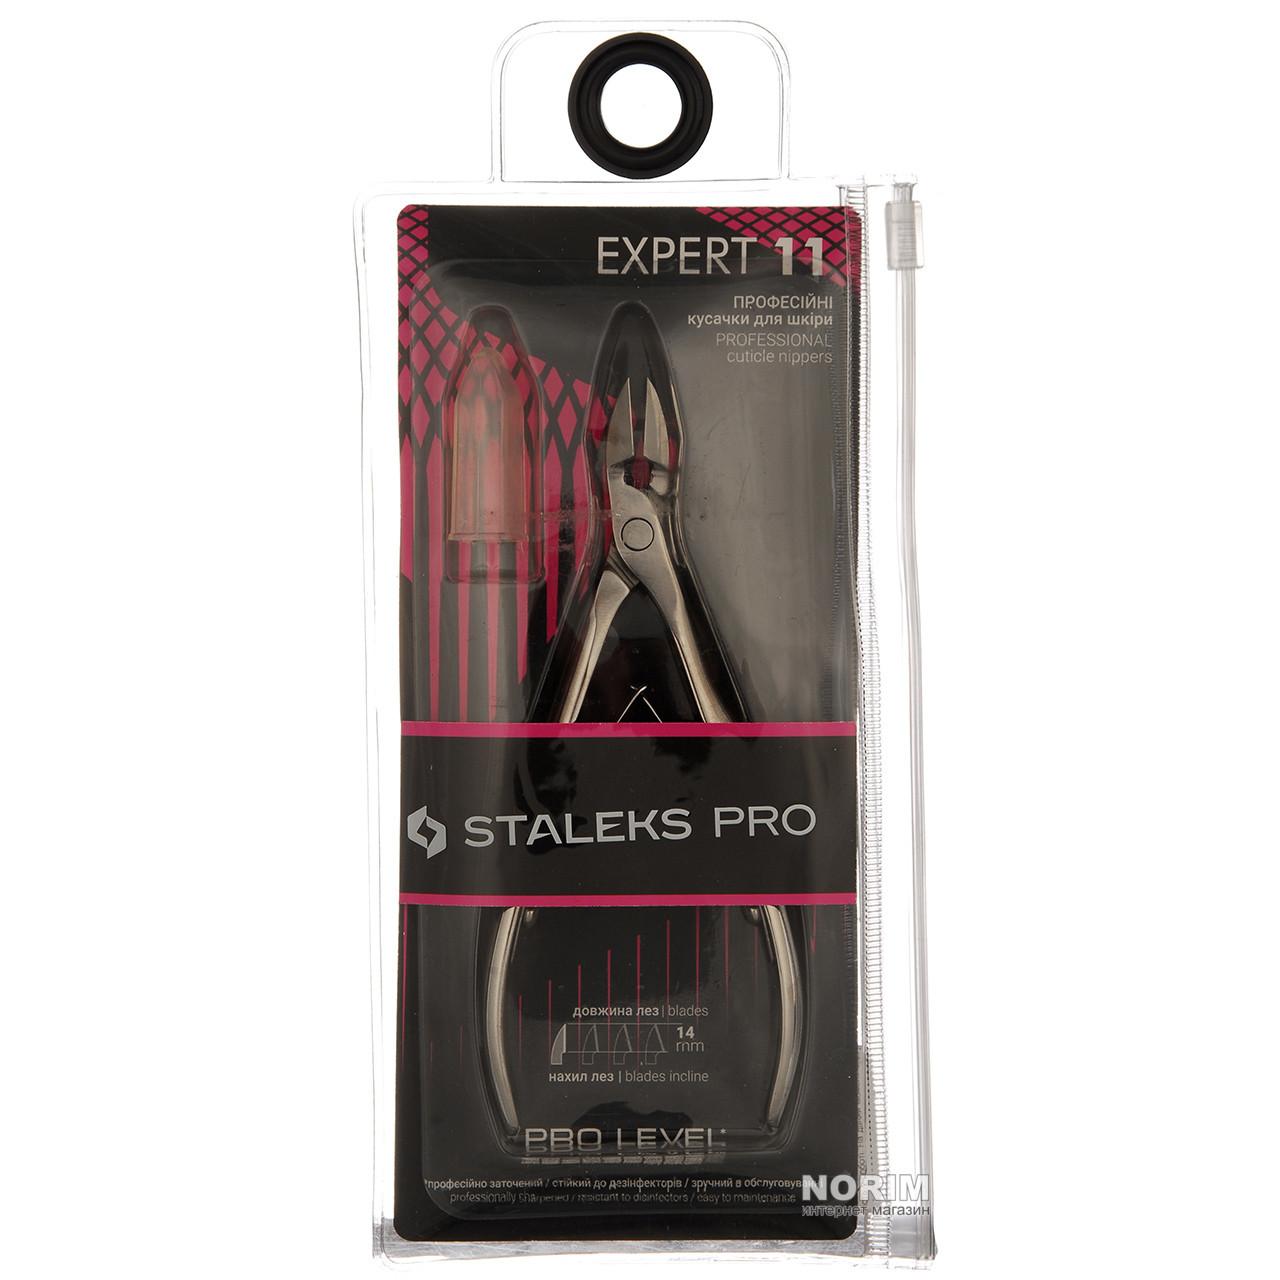 Кусачки профессиональные STALEKS PRO для кожи EXPERT 11 (NE-11-14 мм), фото 1